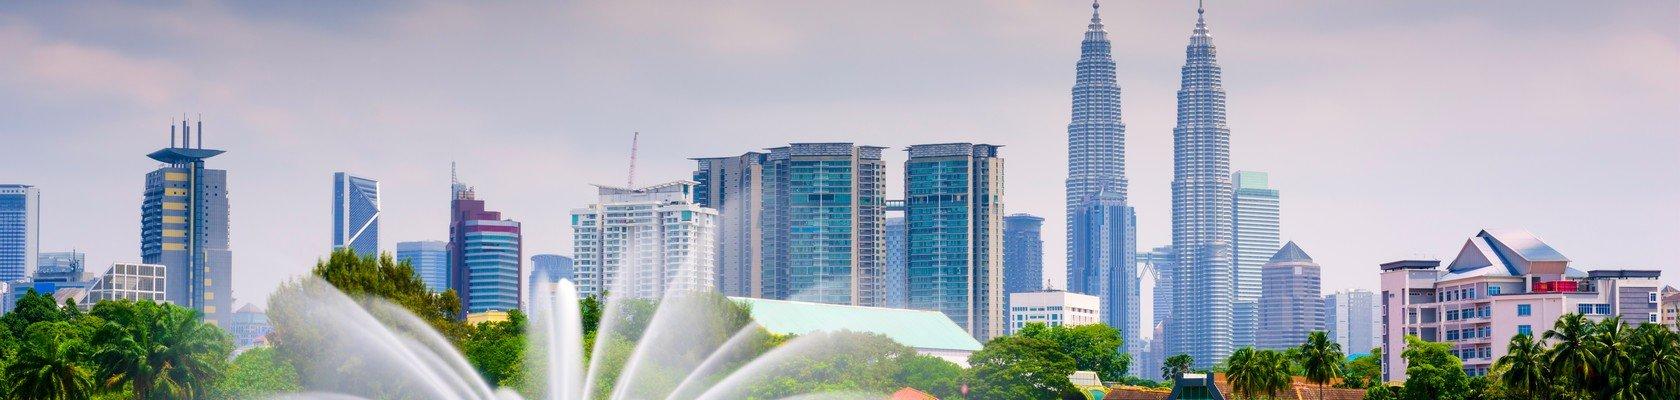 Wereldstad Kuala Lumpur